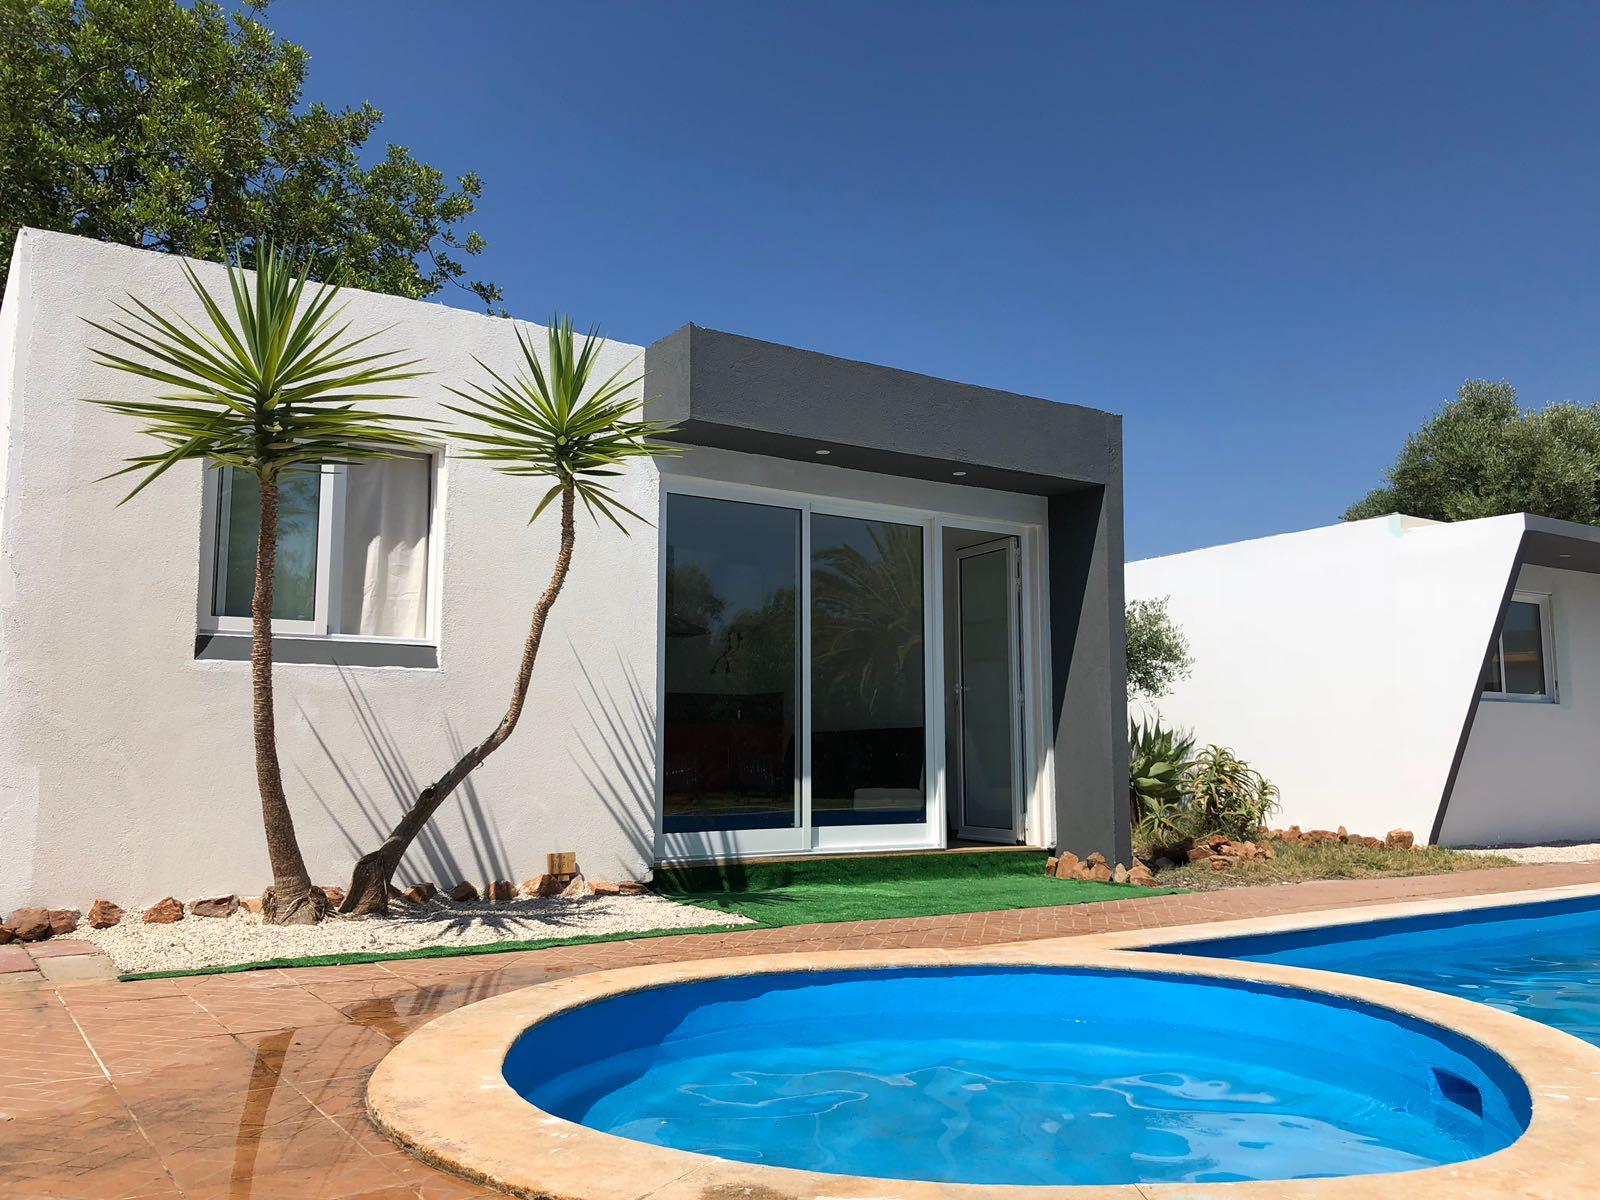 Apartamentos e moradias para alugar, Quinta da Joia – alojamento em Vilas individuais em Silves, Portugal Algarve, REF_IMG_9778_9791